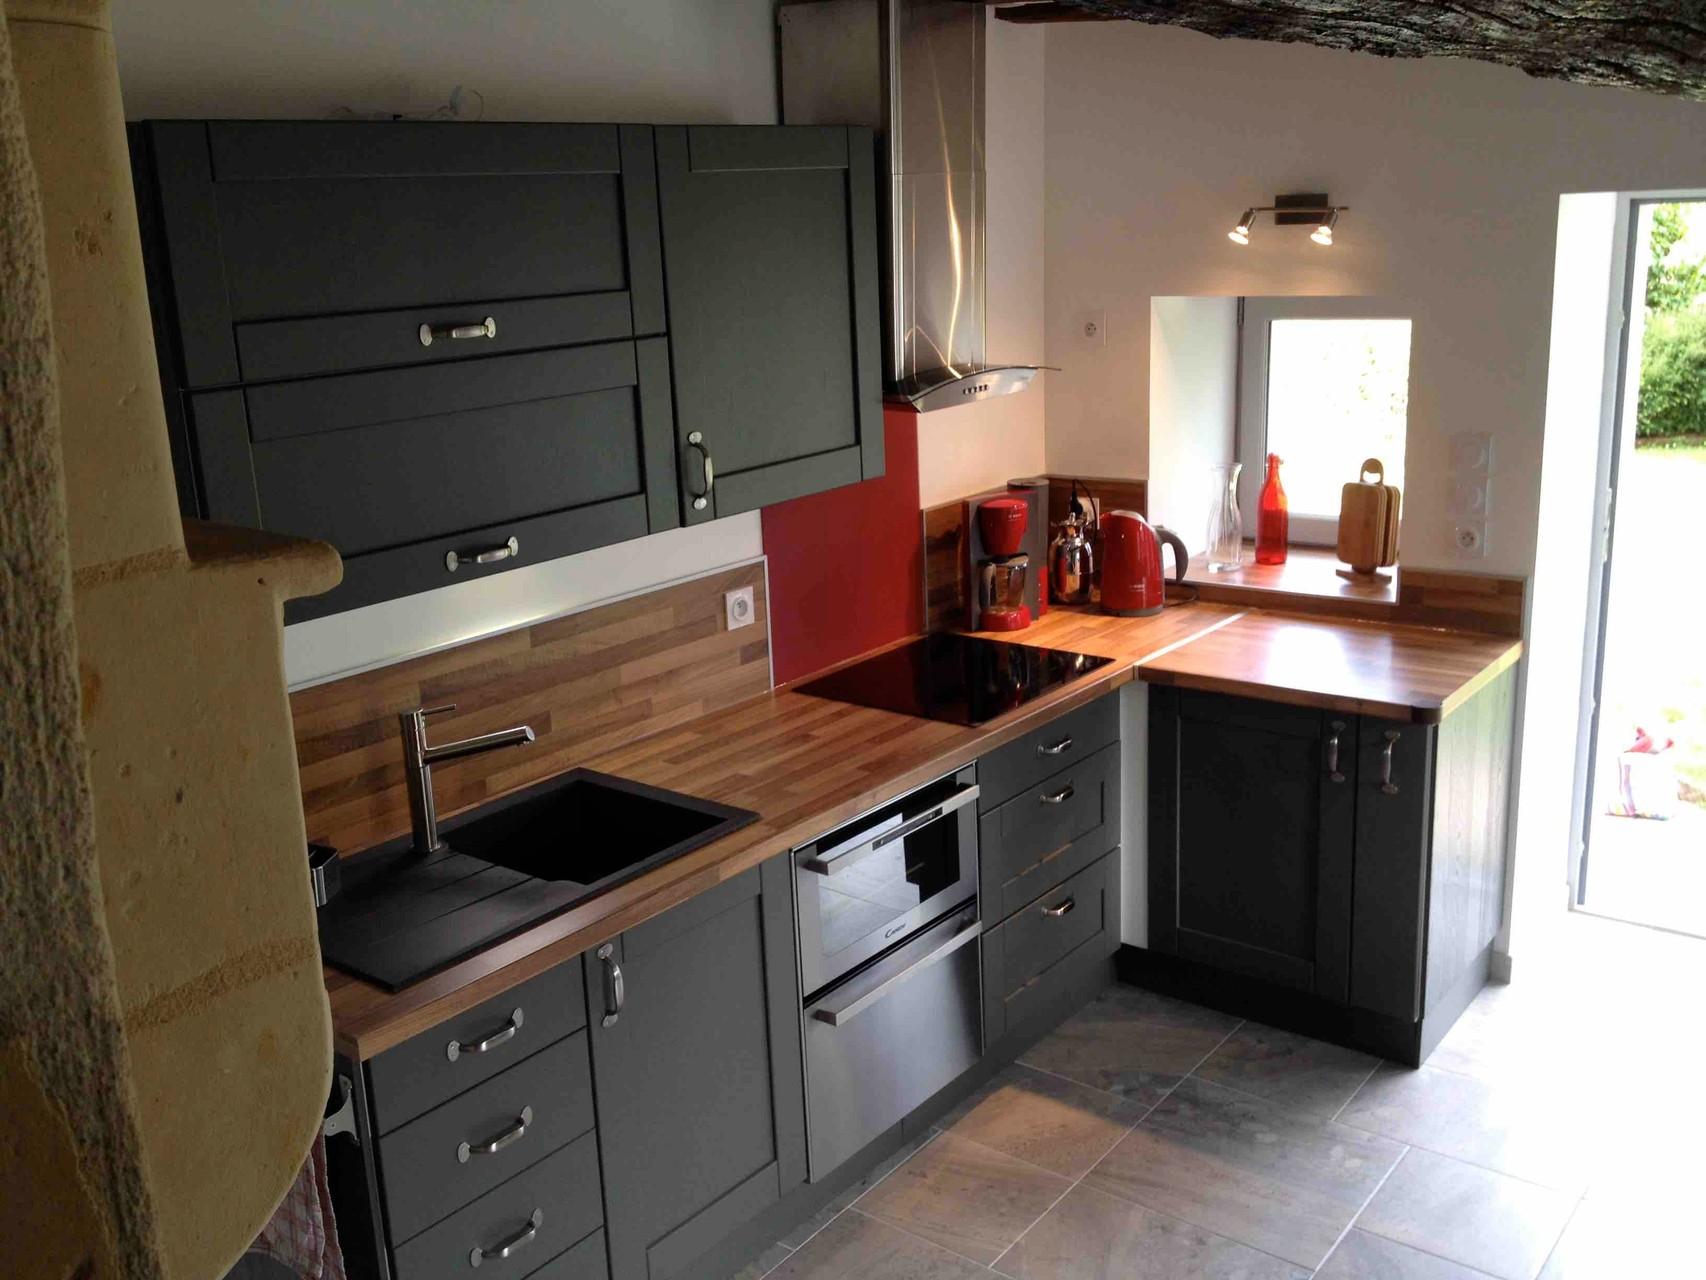 Küche mit Induktionsherd, Ofen, GS